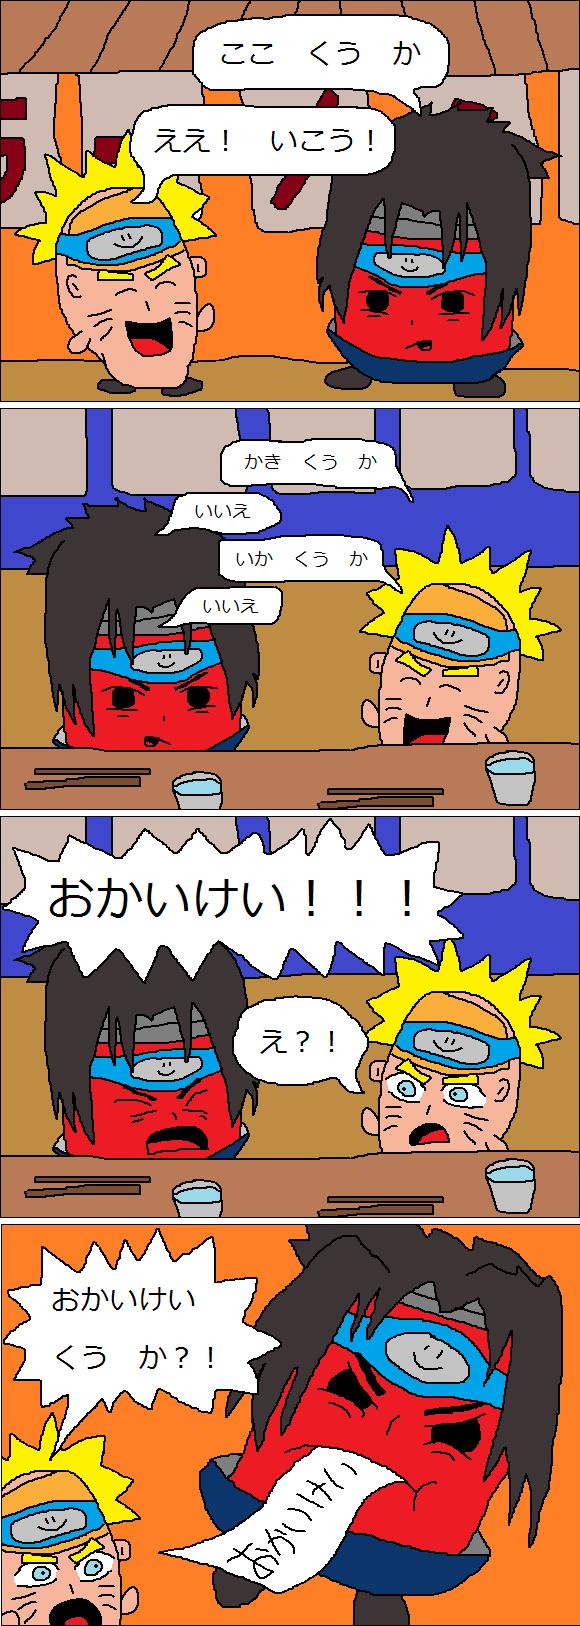 narutoe manga 01